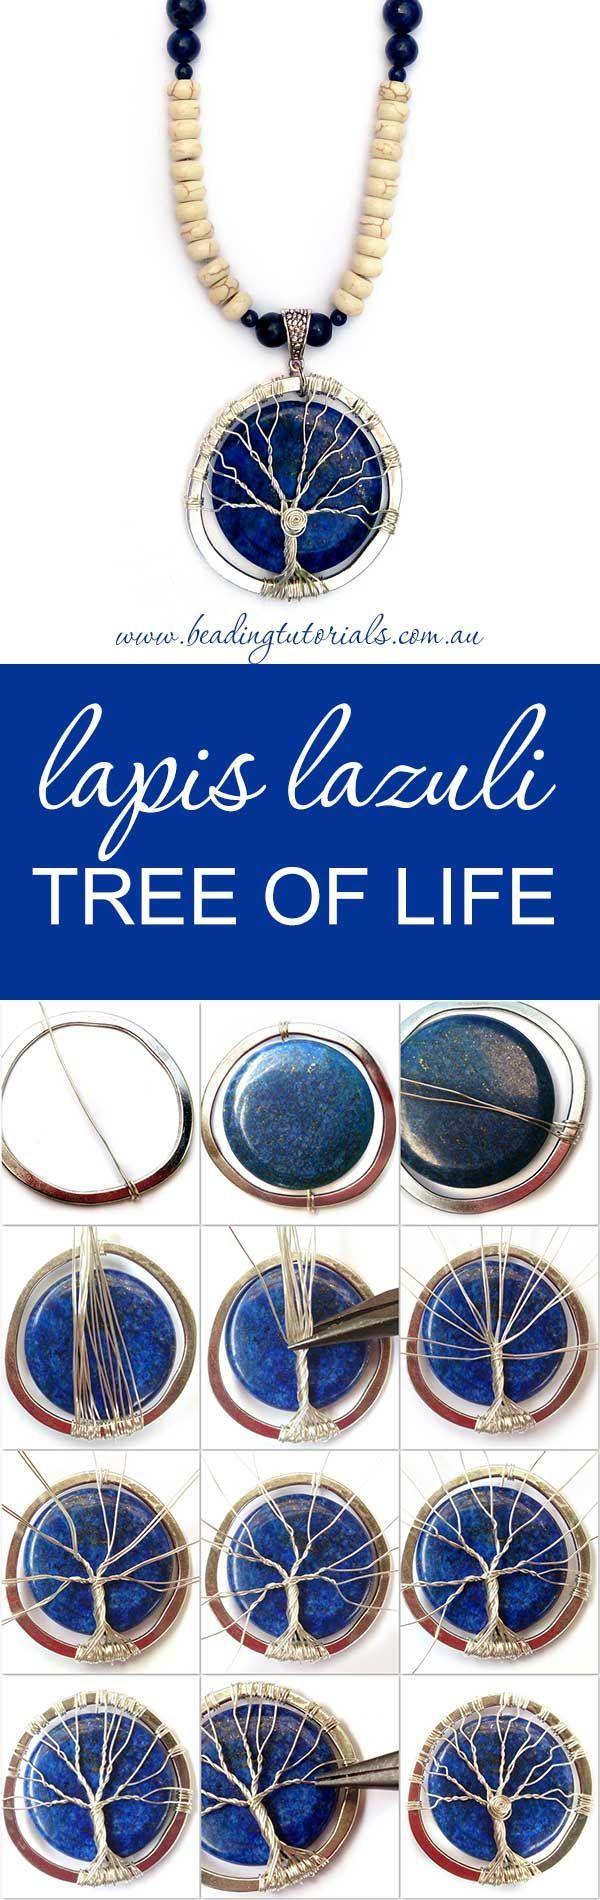 Step-By-Step tree of life tutorial. beadingtutorials.com.au